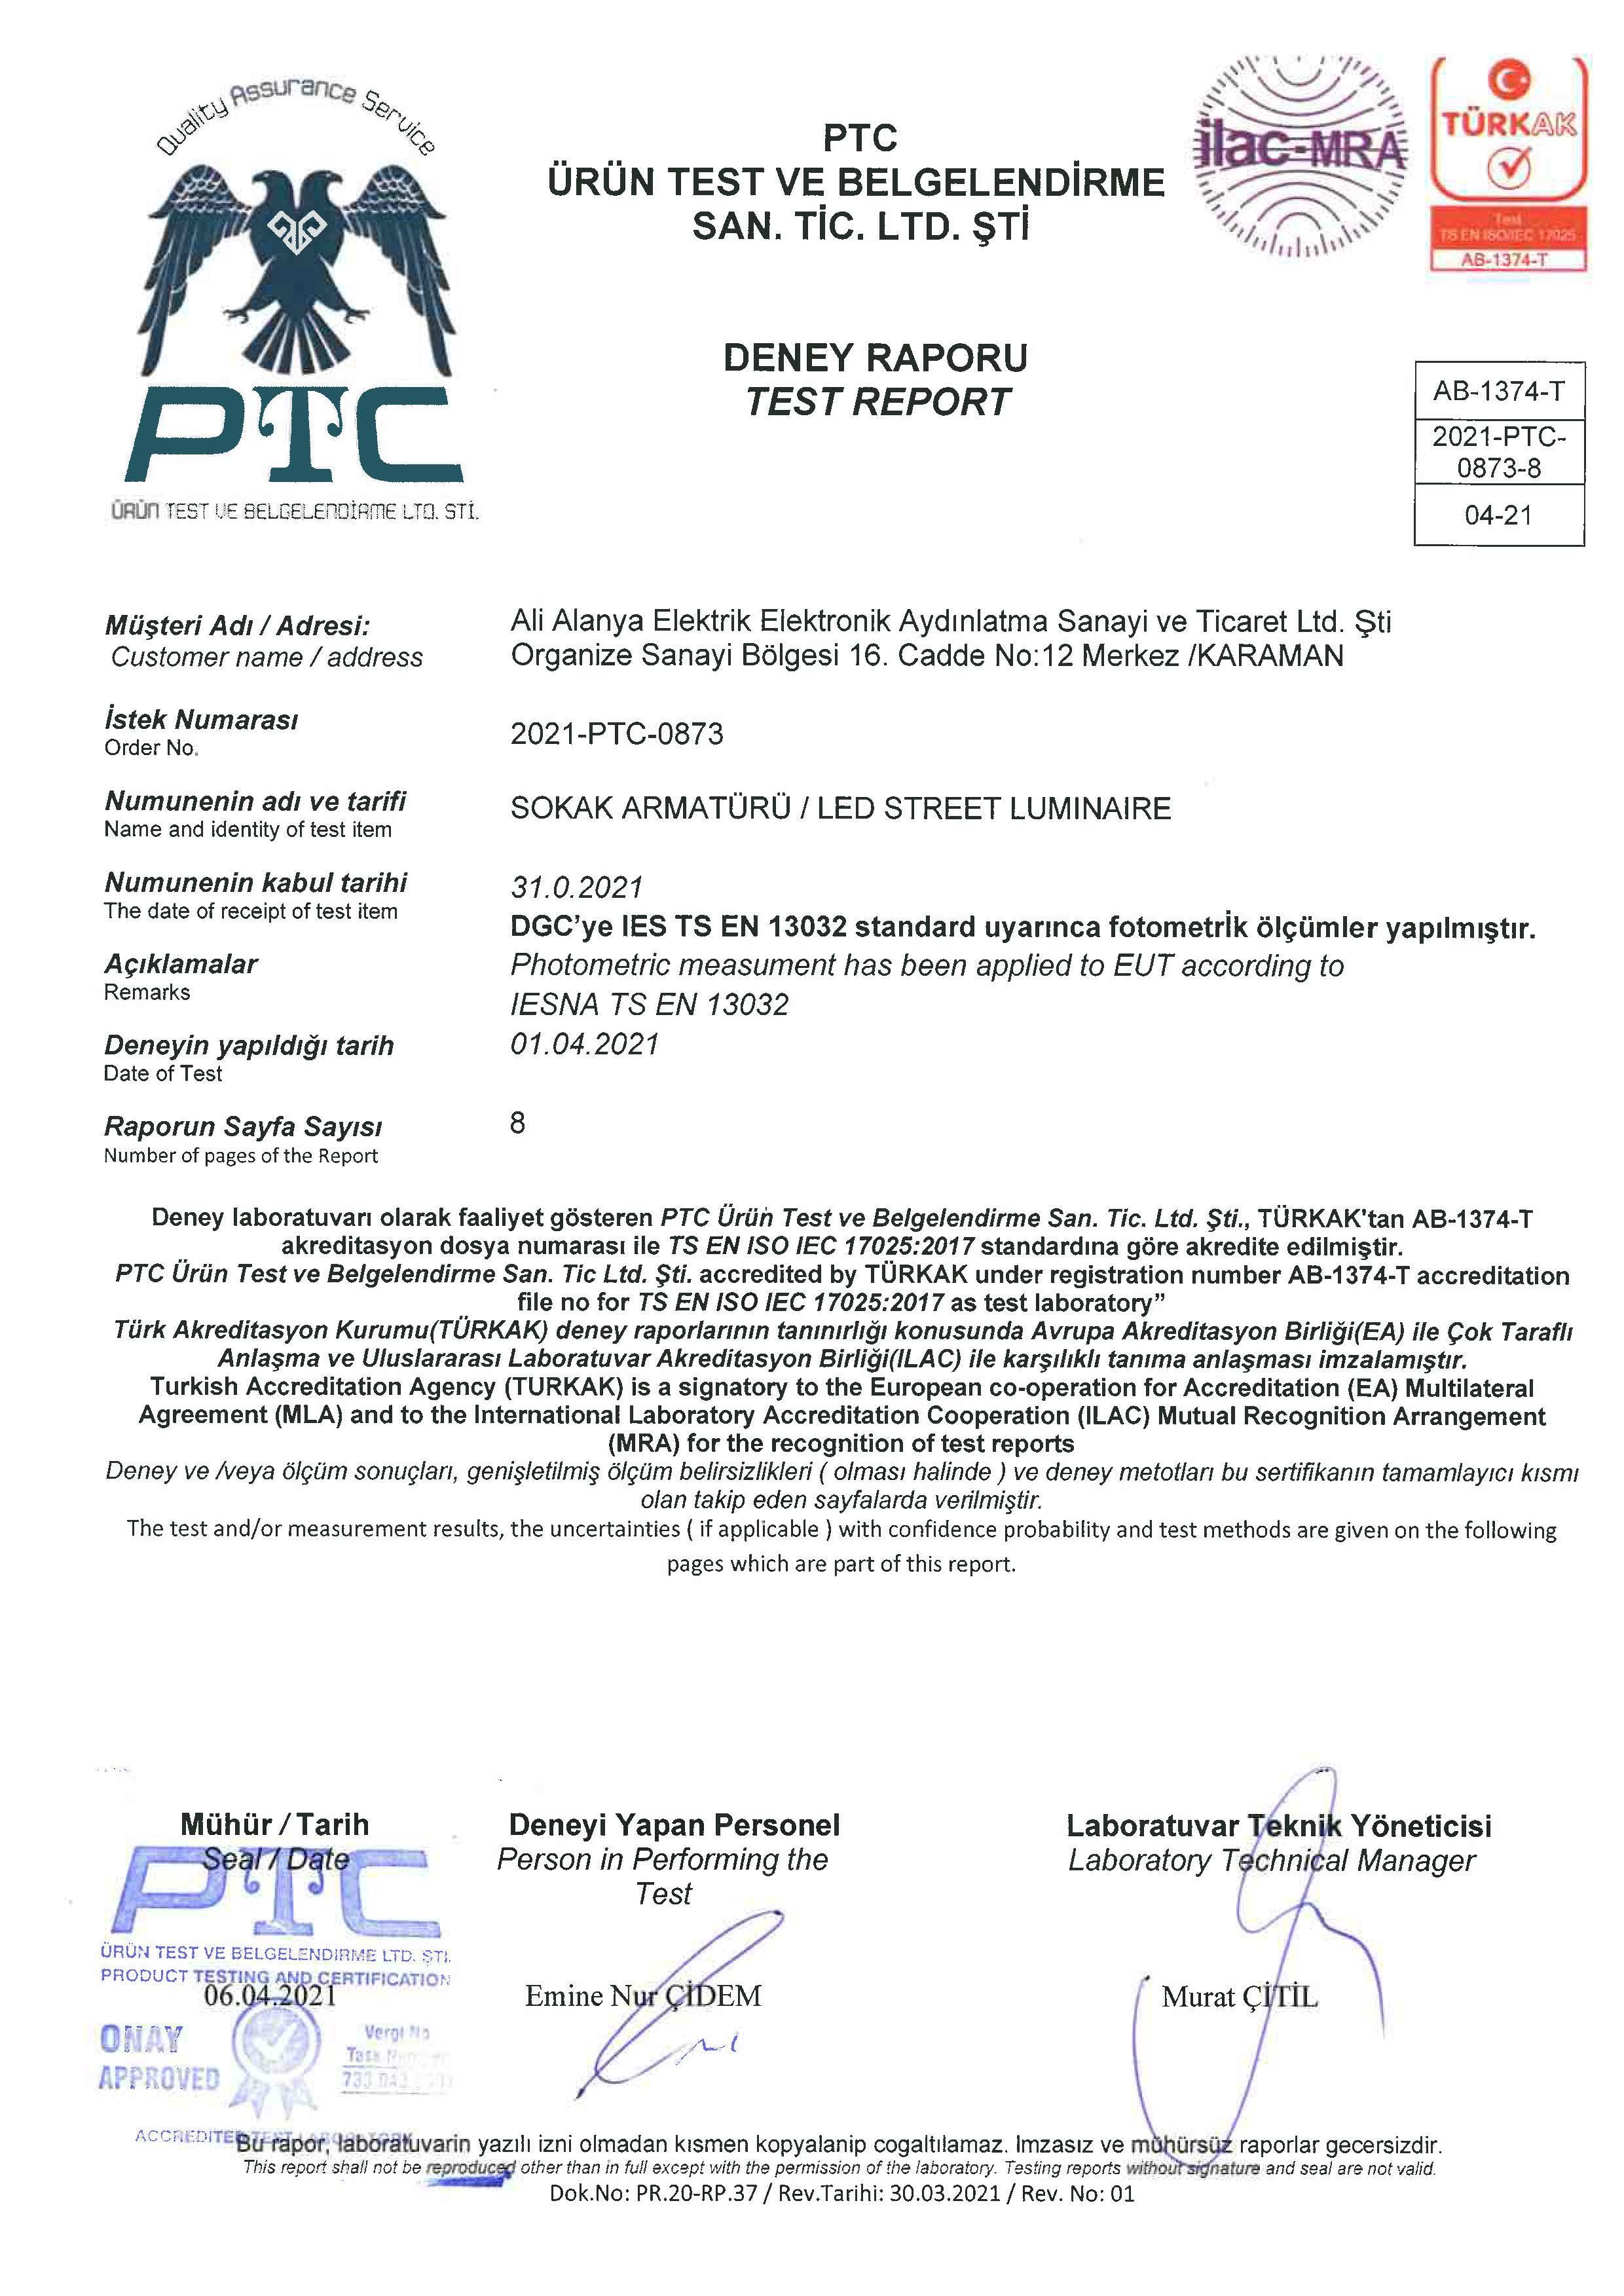 SMARTSTREET TS EN 13032 TEST